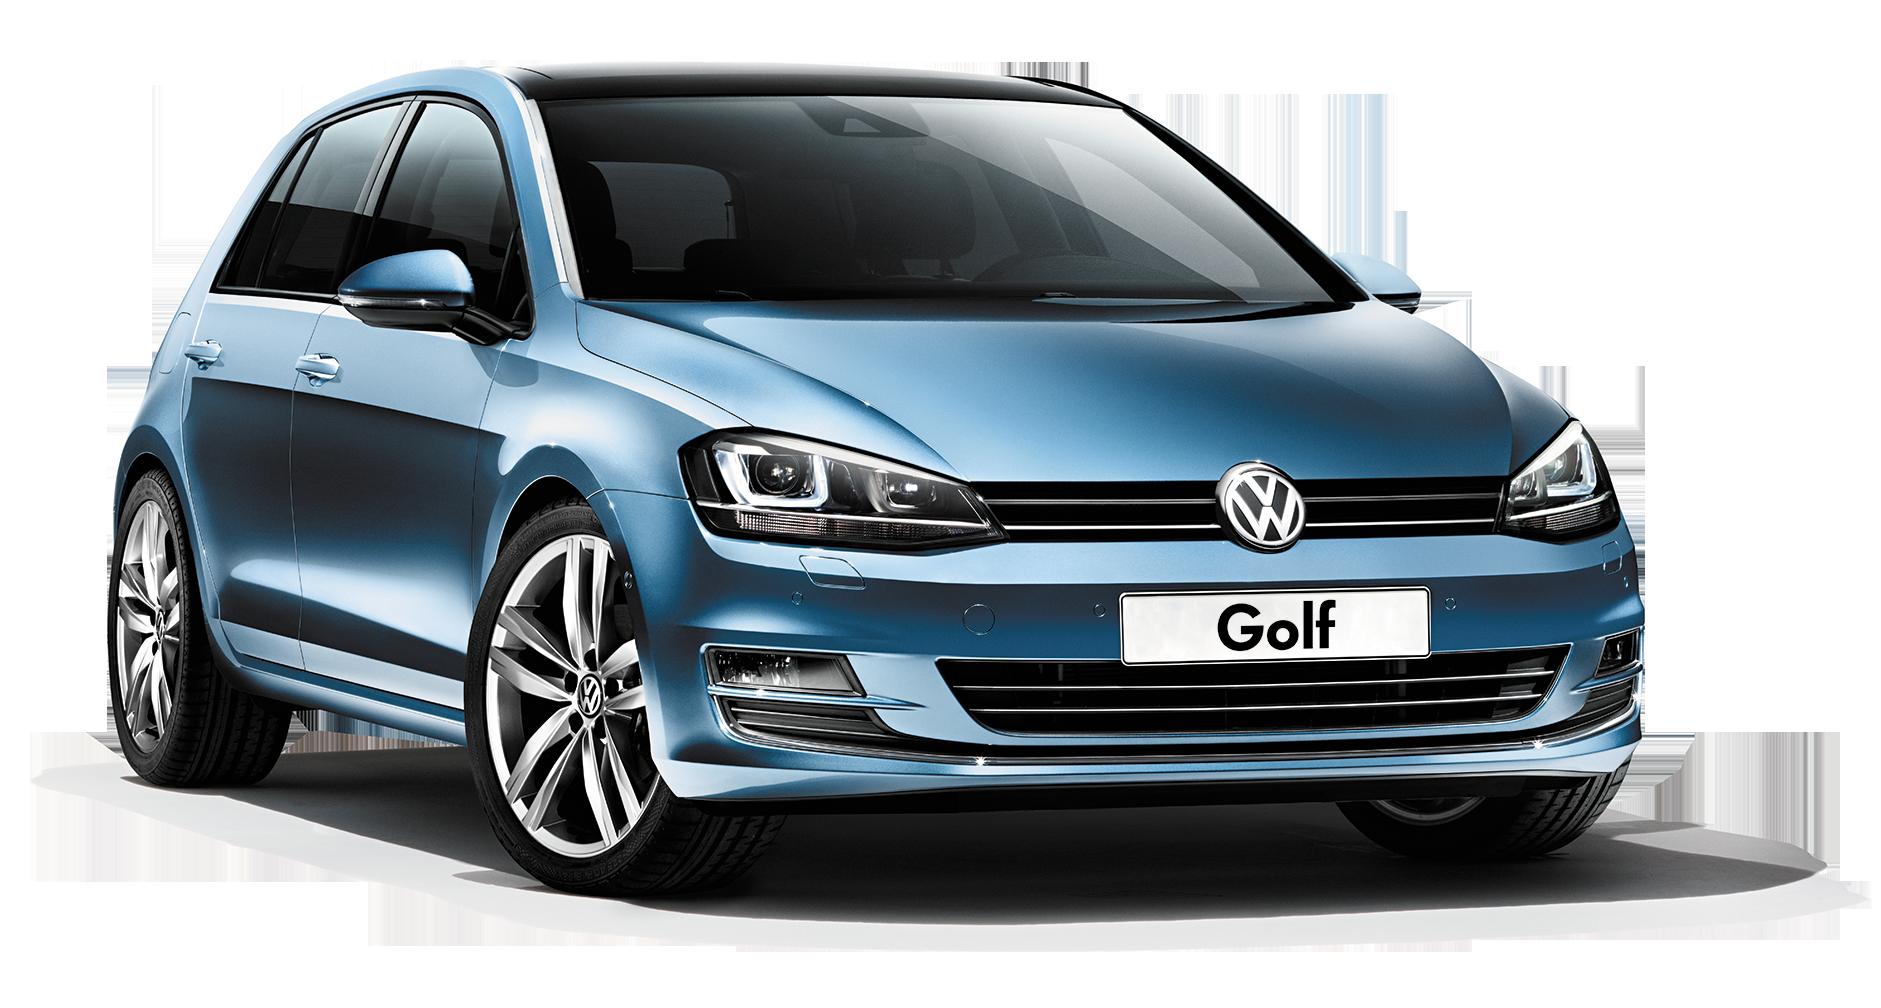 blue Volkswagen Golf PNG car image.